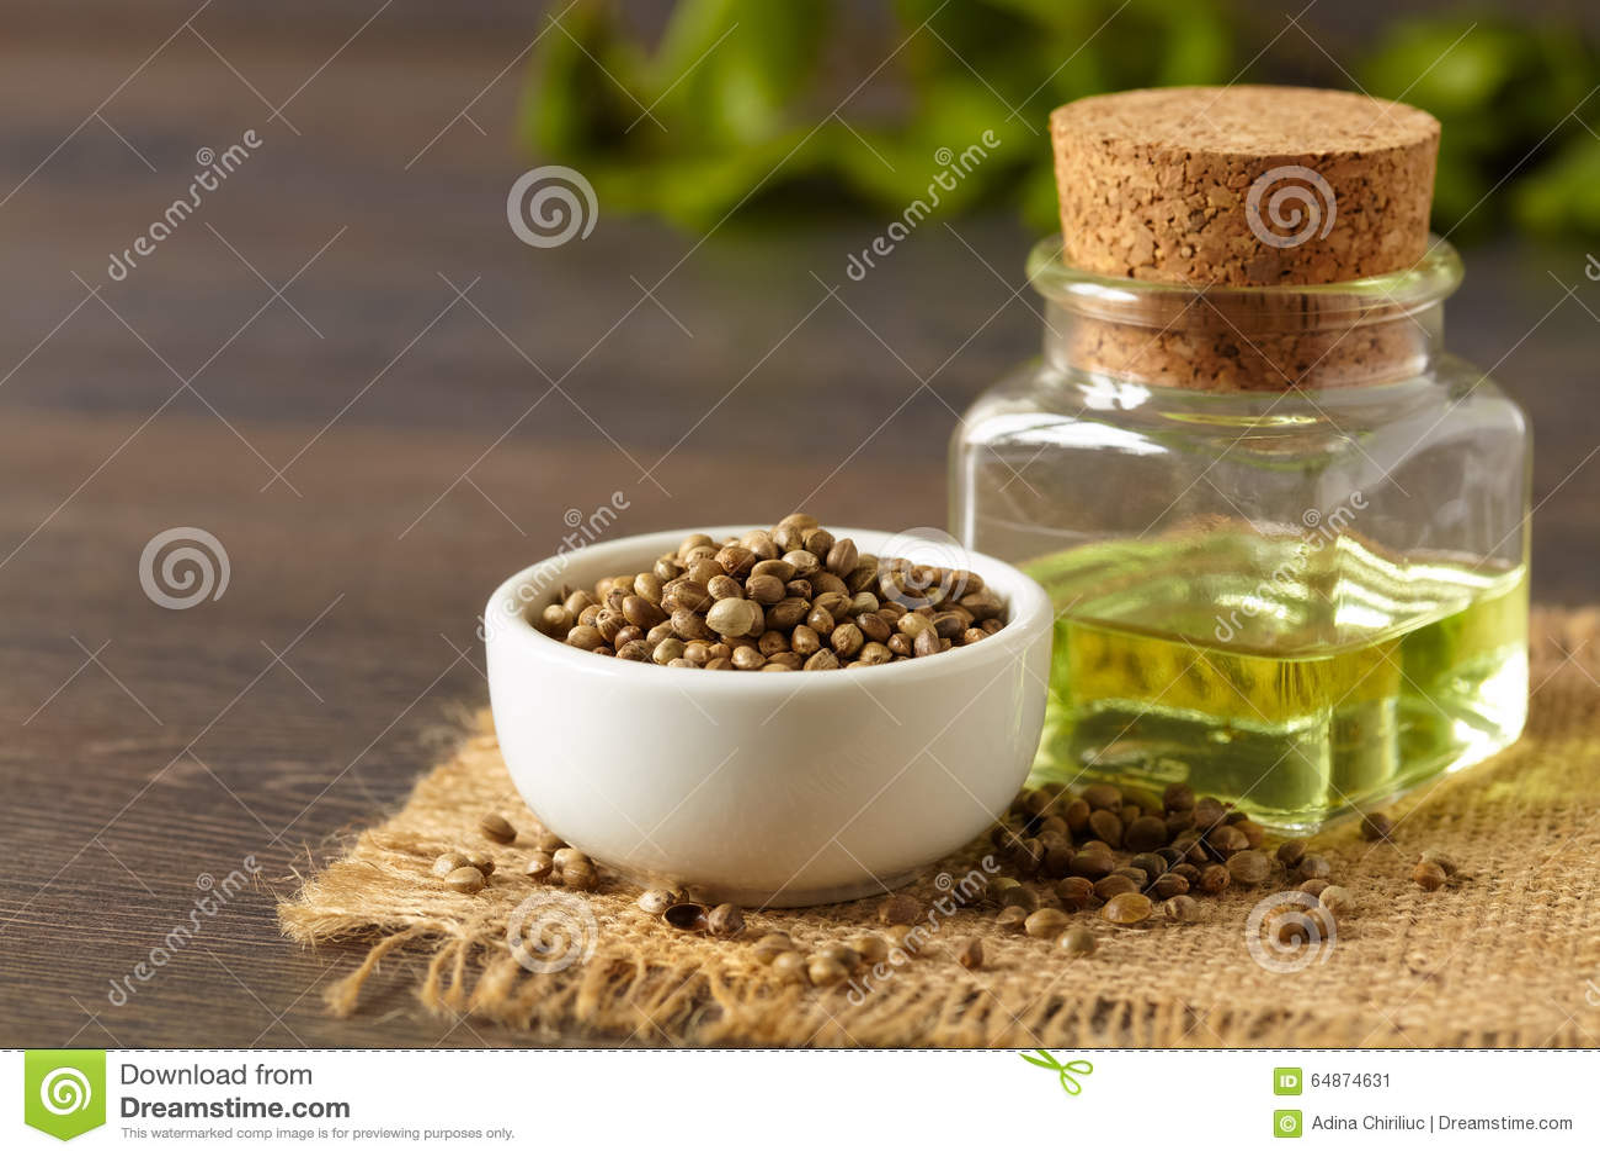 Семена и масло пеньки